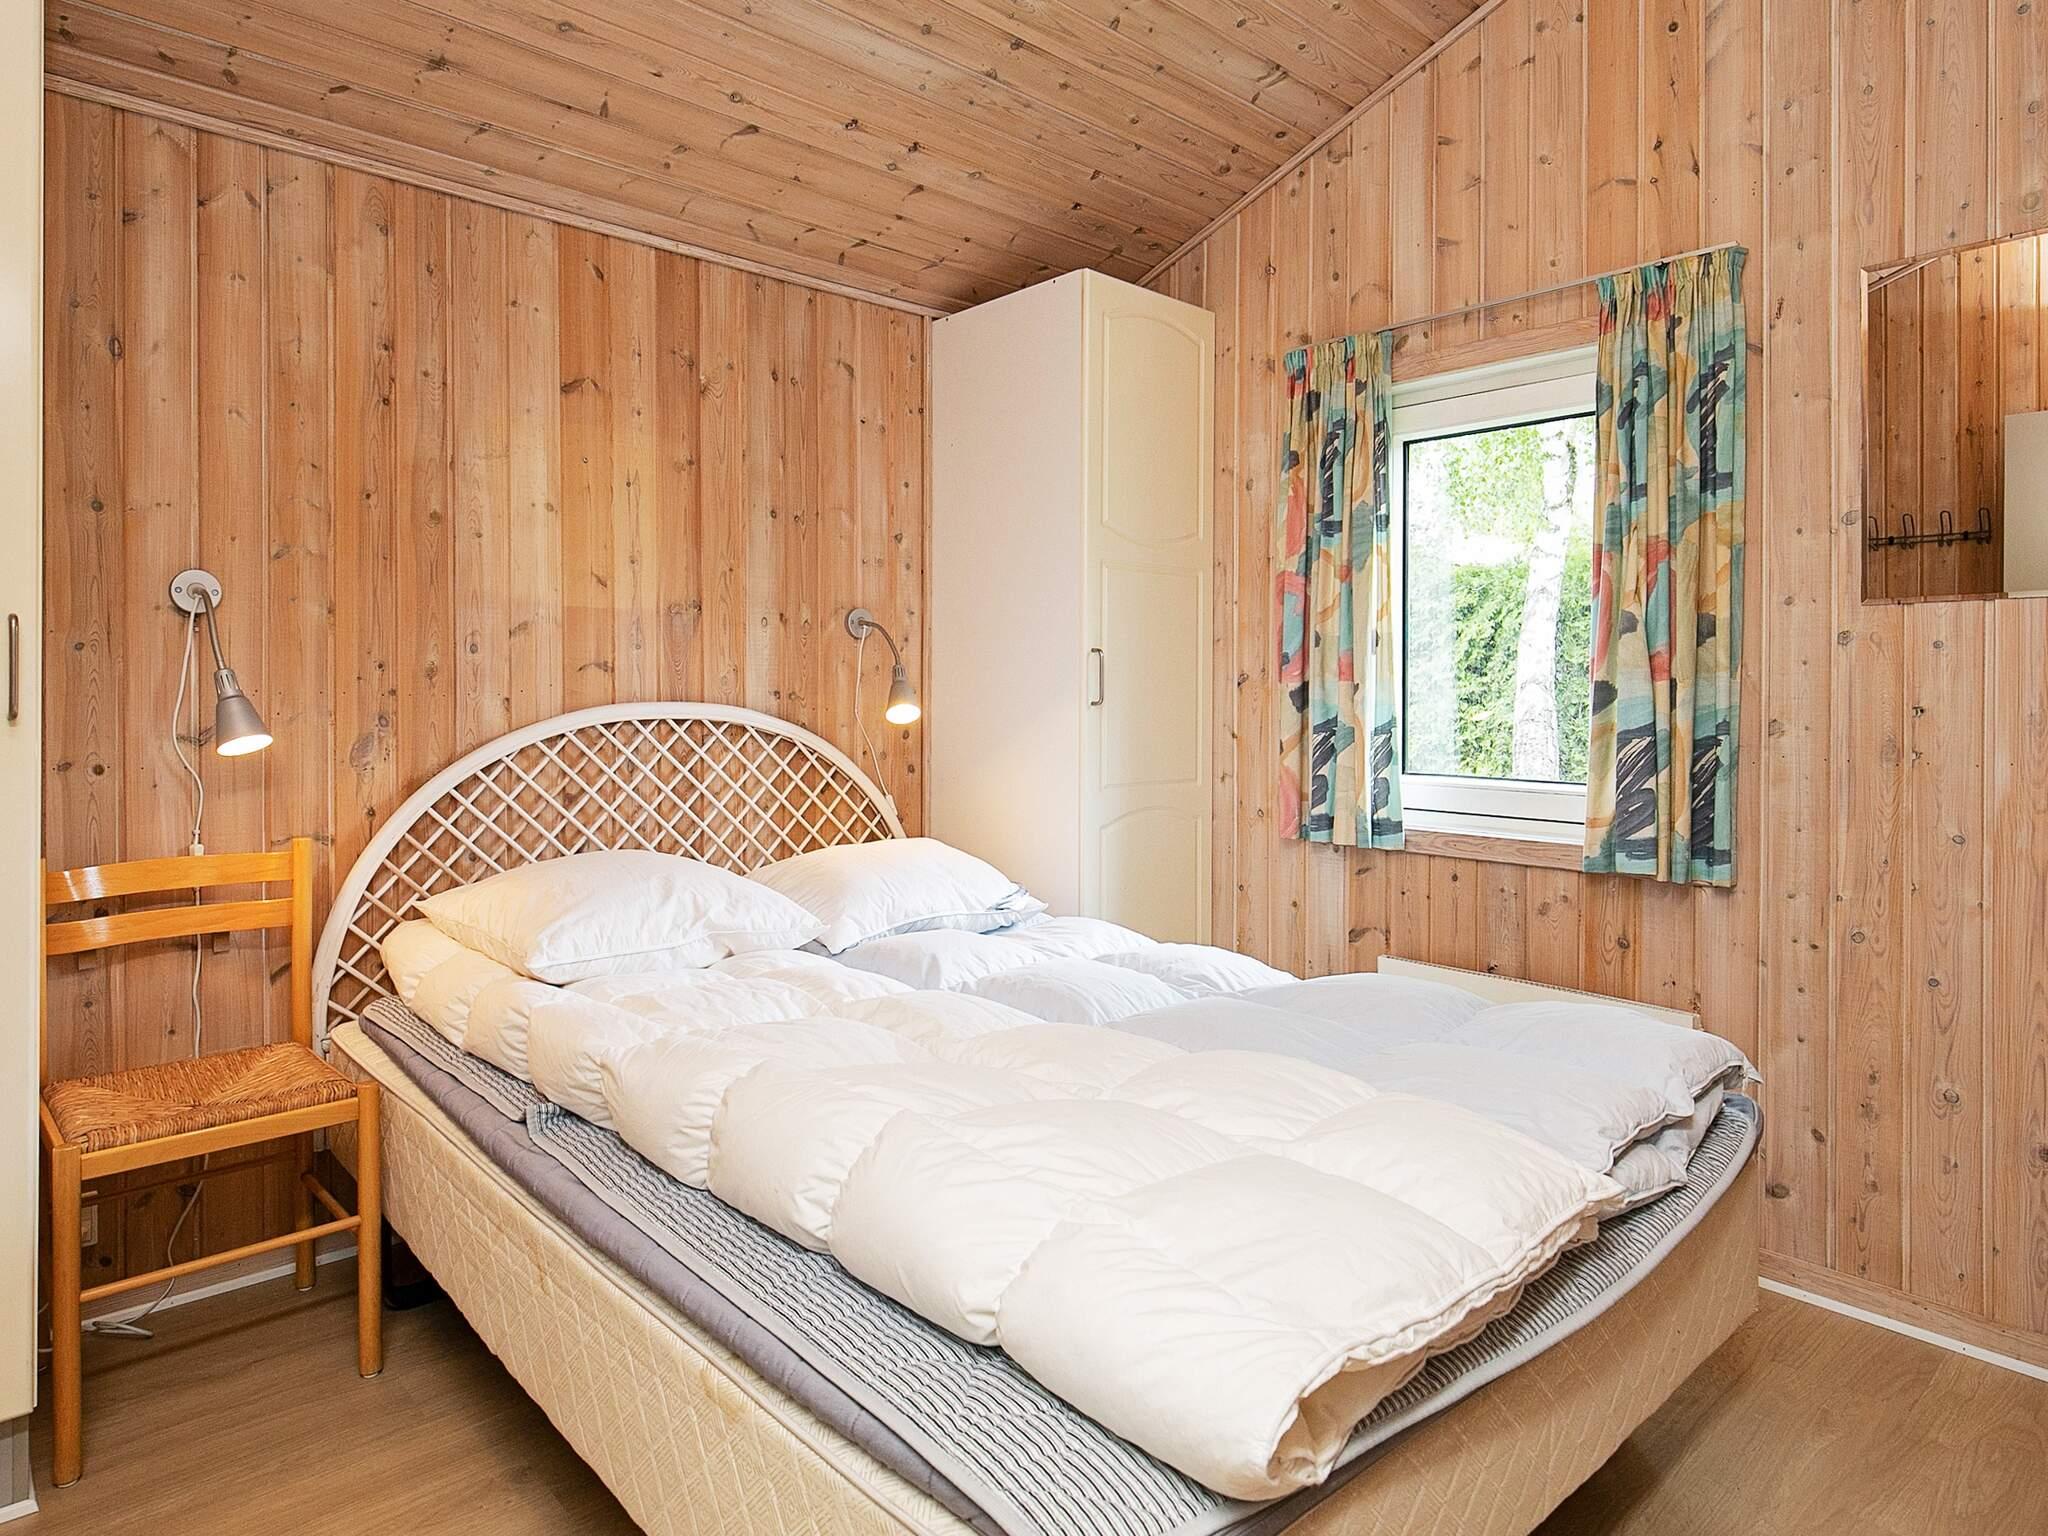 Ferienhaus Marielyst (83562), Marielyst, , Falster, Dänemark, Bild 7